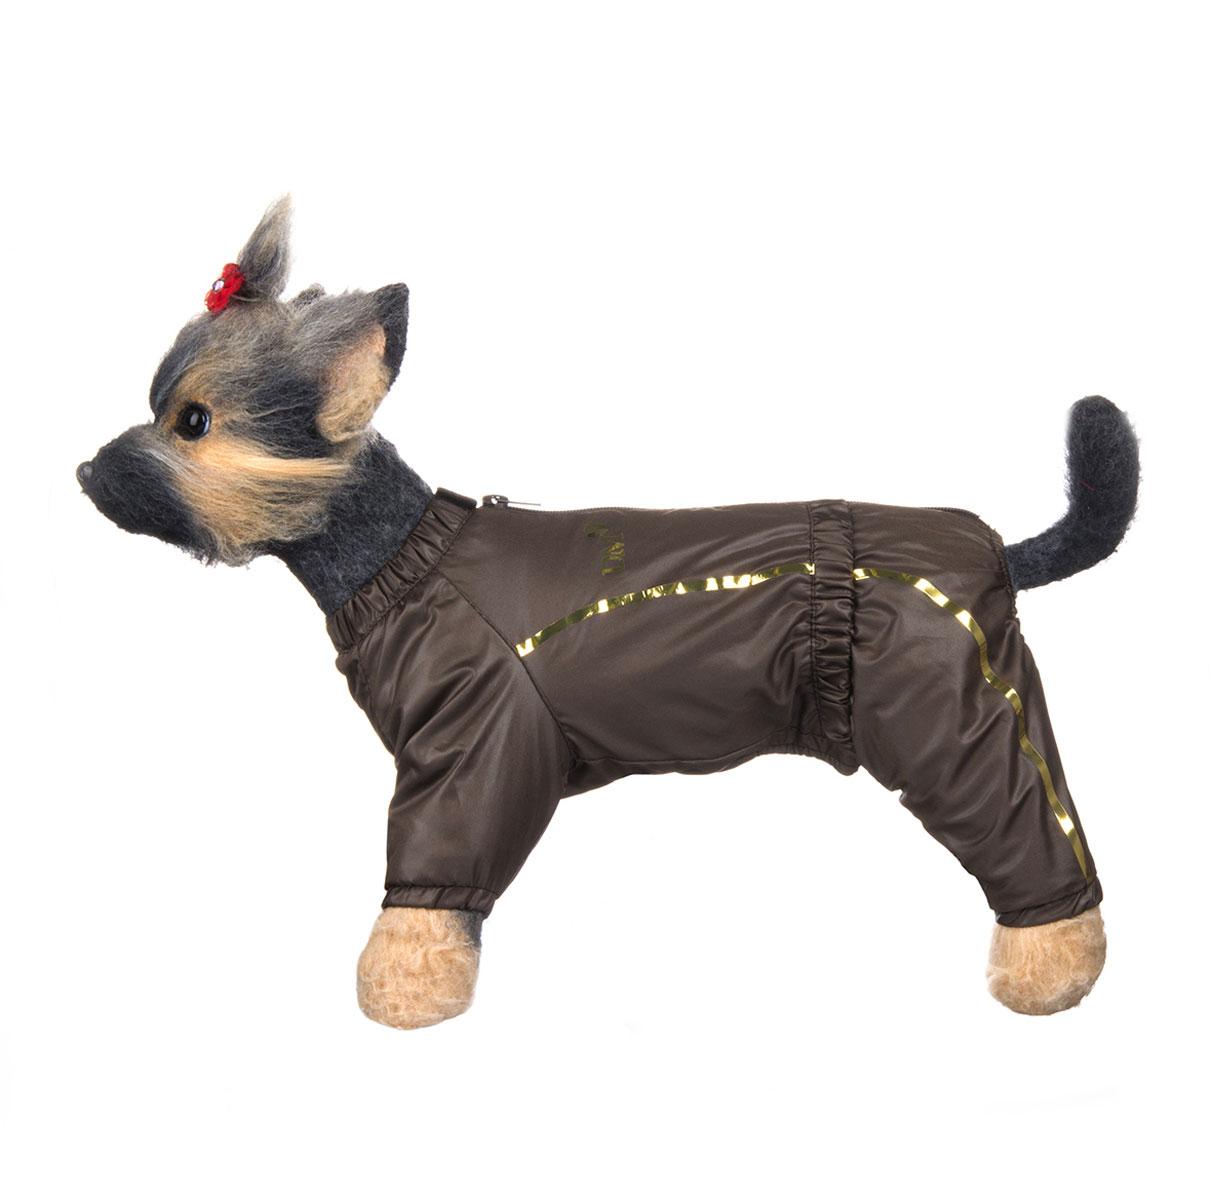 Комбинезон для собак Dogmoda Альпы, зимний, для мальчика, цвет: коричневый, бежевый. Размер 2 (M)DM-150352-2Зимний комбинезон для собак Dogmoda Альпы отлично подойдет для прогулок в зимнее время года. Комбинезон изготовлен из полиэстера, защищающего от ветра и снега, с утеплителем из синтепона, который сохранит тепло даже в сильные морозы, а на подкладке используется искусственный мех, который обеспечивает отличный воздухообмен. Комбинезон застегивается на молнию и липучку, благодаря чему его легко надевать и снимать. Ворот, низ рукавов и брючин оснащены внутренними резинками, которые мягко обхватывают шею и лапки, не позволяя просачиваться холодному воздуху. На пояснице имеется внутренняя резинка. Изделие декорировано золотистыми полосками и надписью DM. Благодаря такому комбинезону простуда не грозит вашему питомцу и он сможет испытать не сравнимое удовольствие от снежных игр и забав.